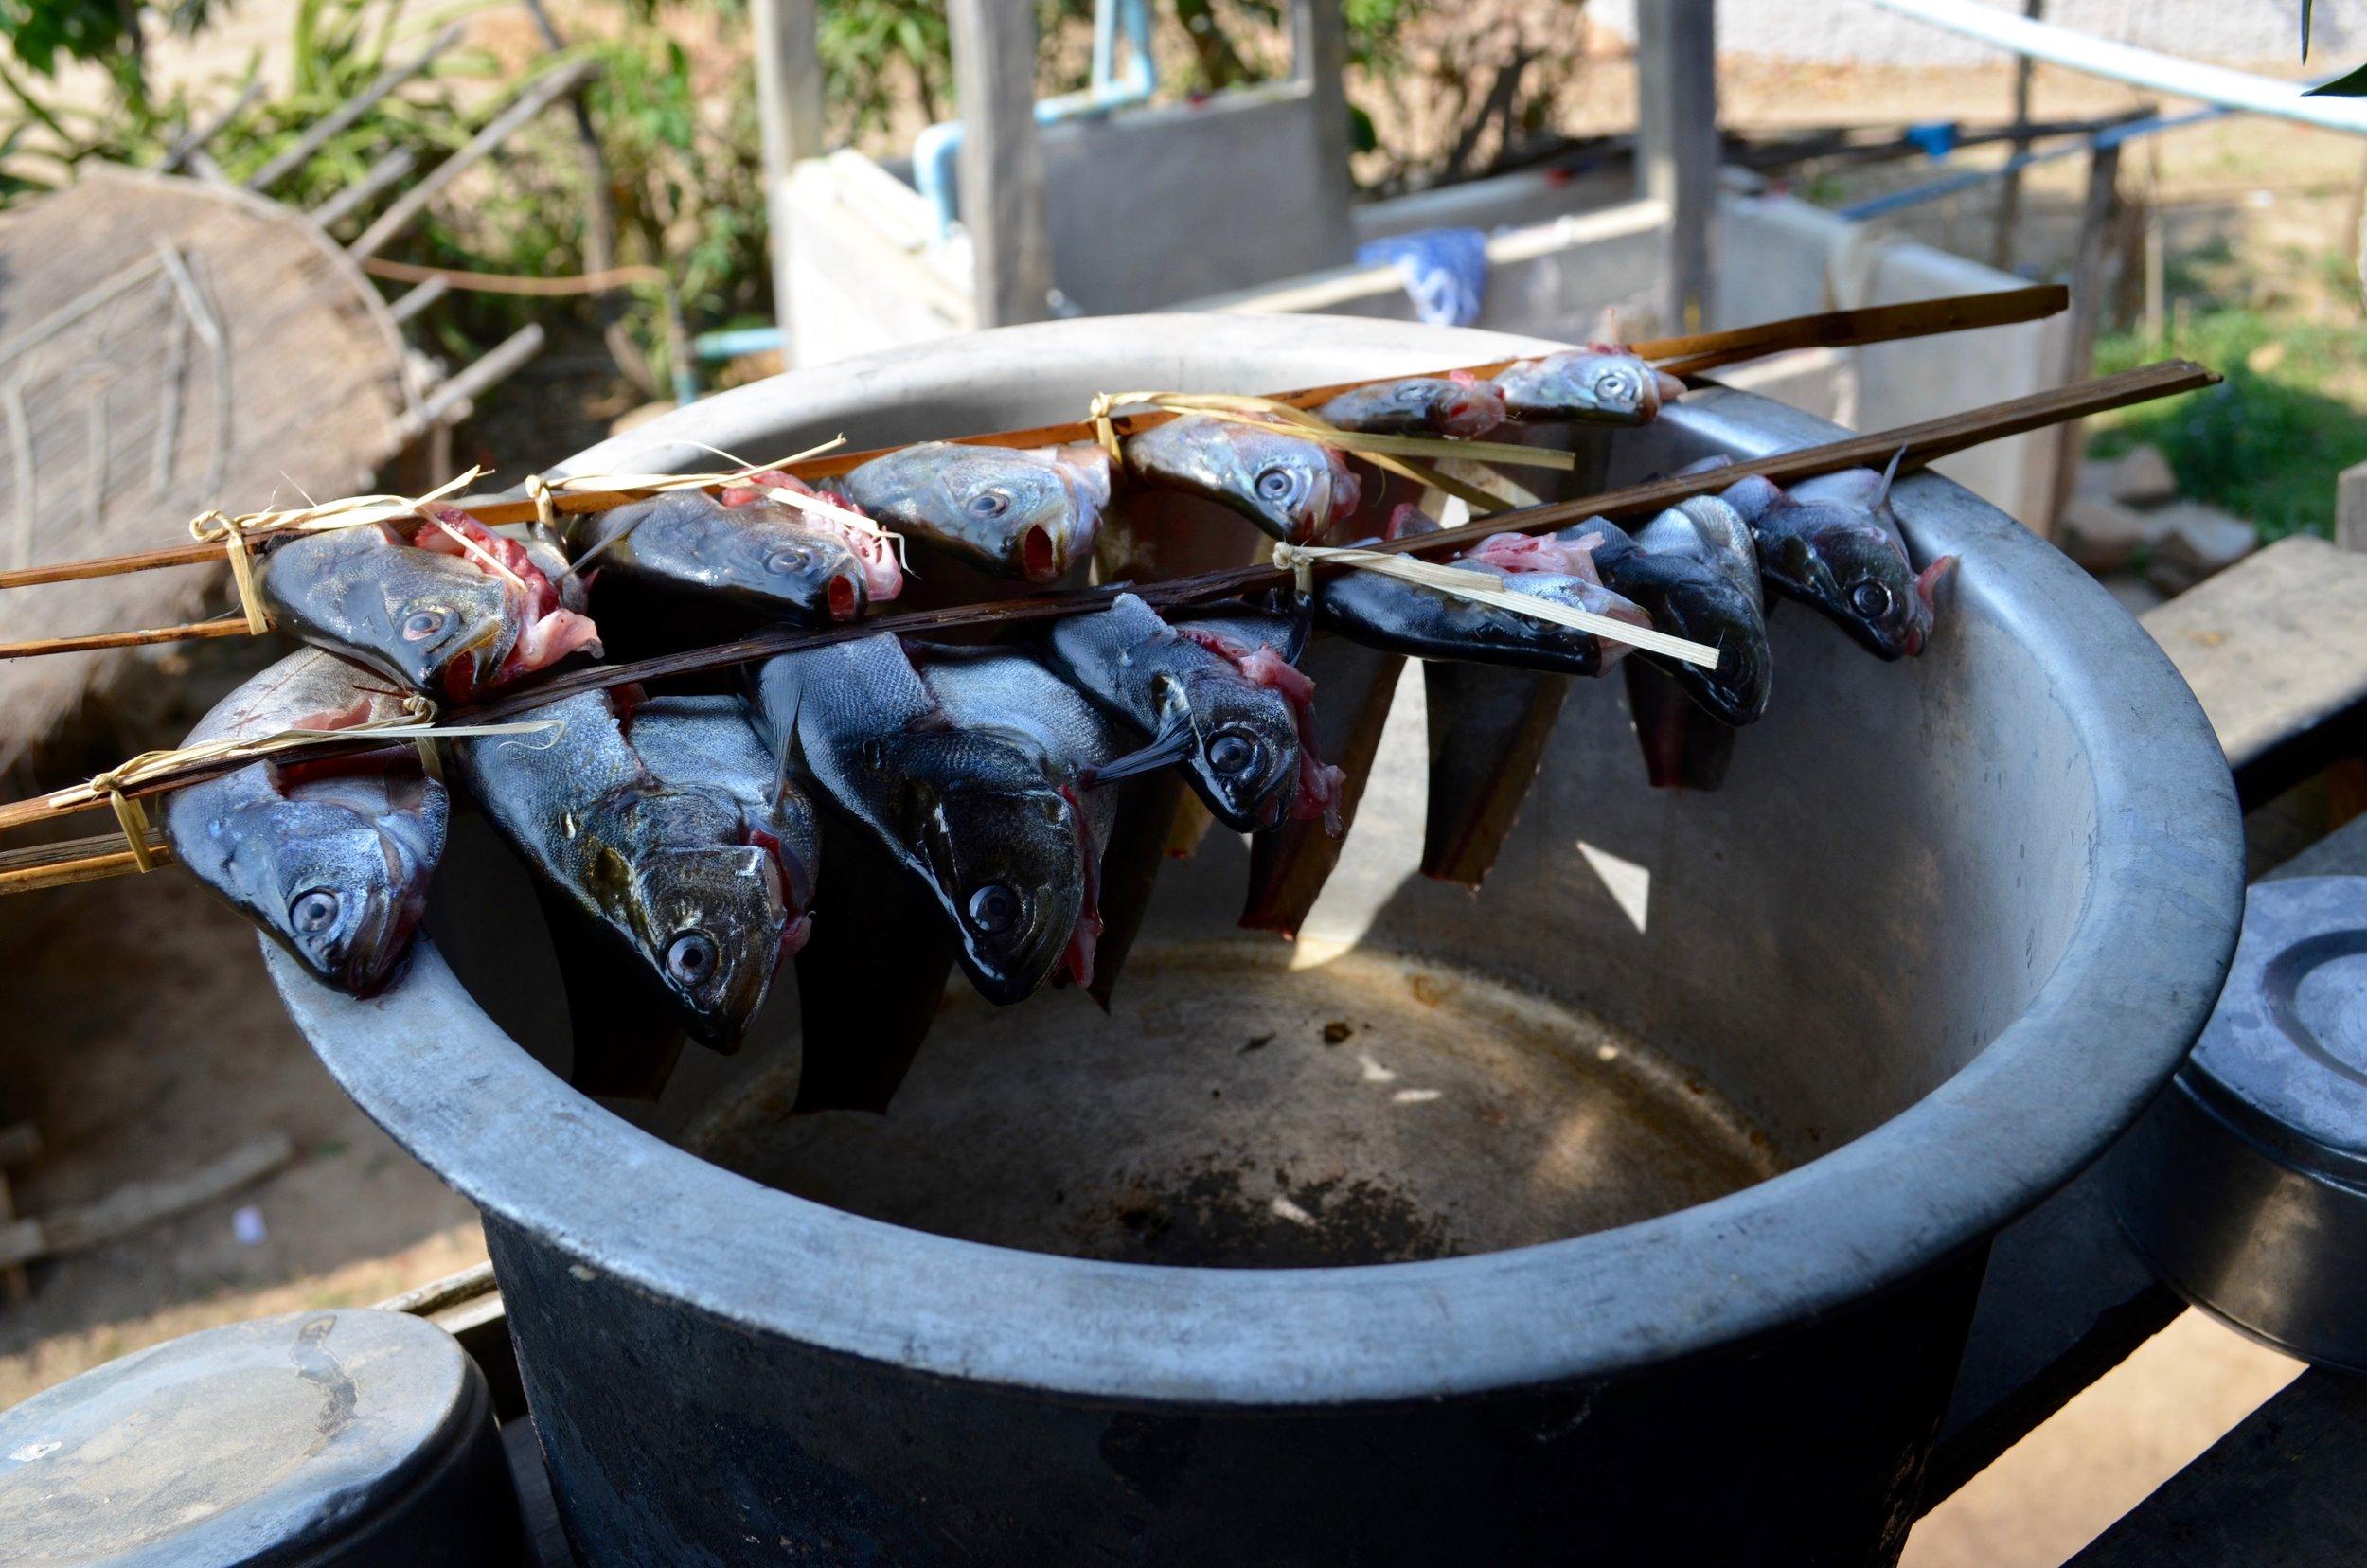 foodx_myanmar (4).jpg